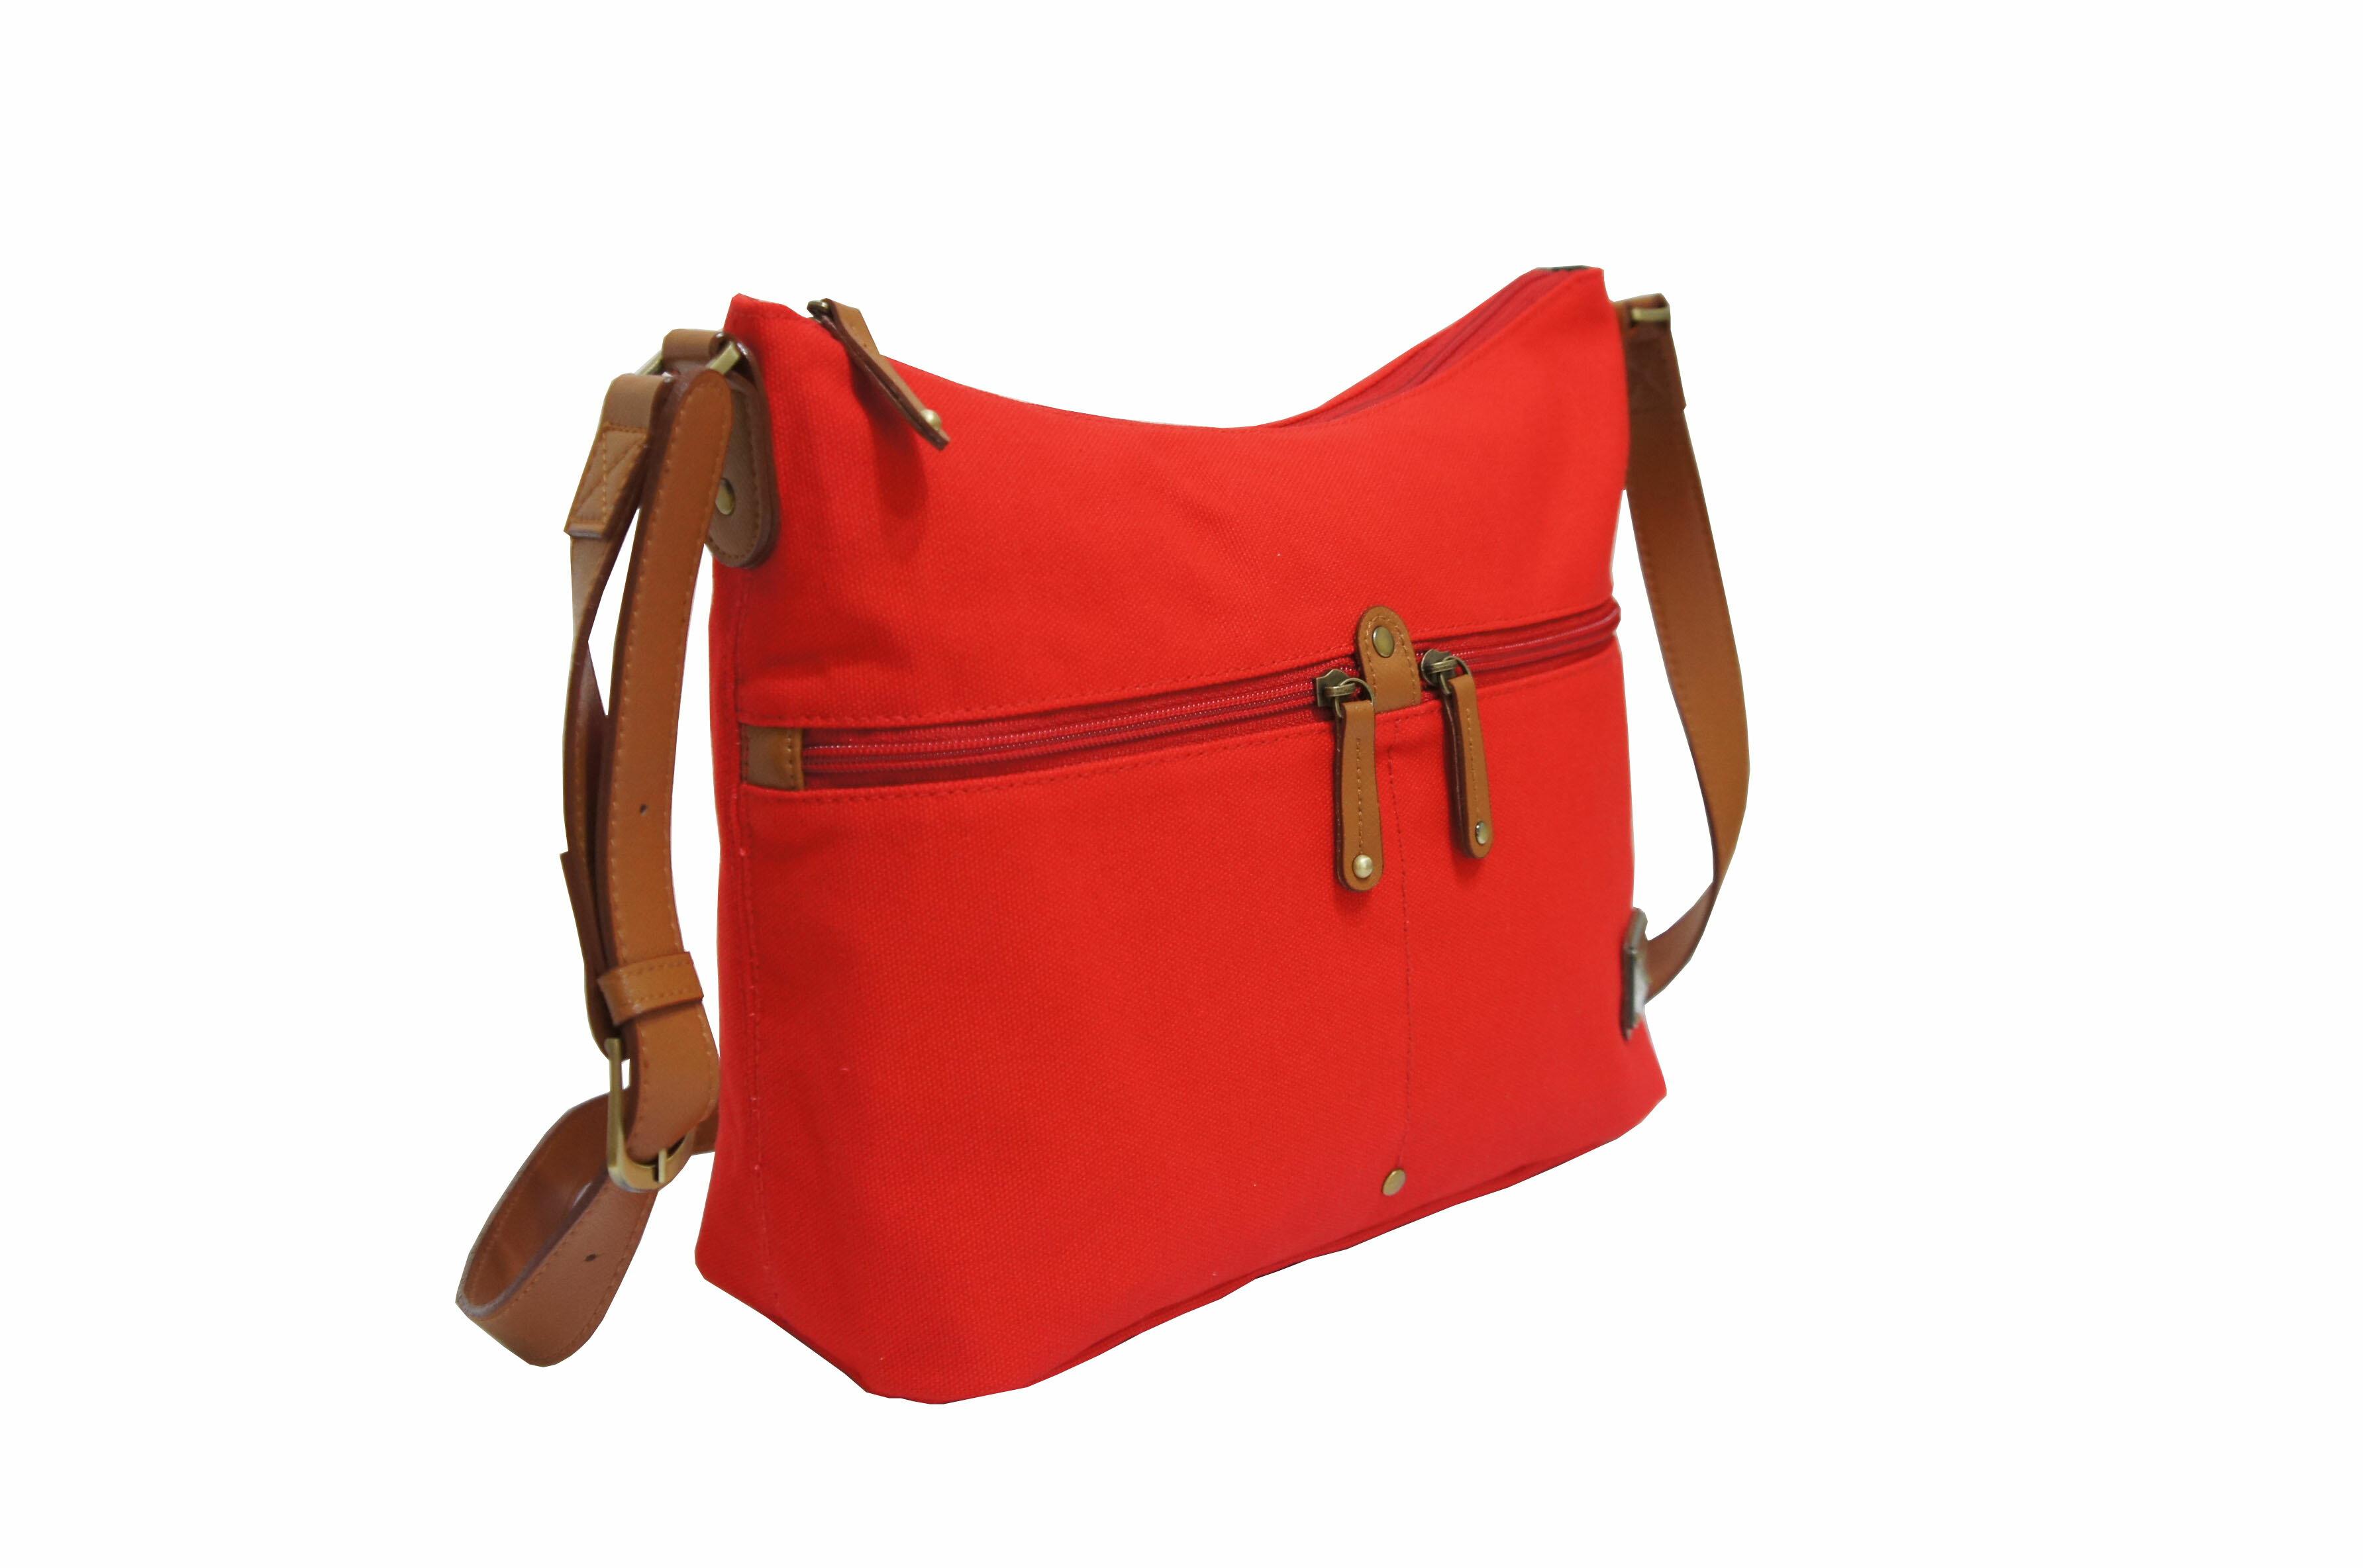 CP024帆布手提肩背包共2色 紅 / 馬卡龍綠 2